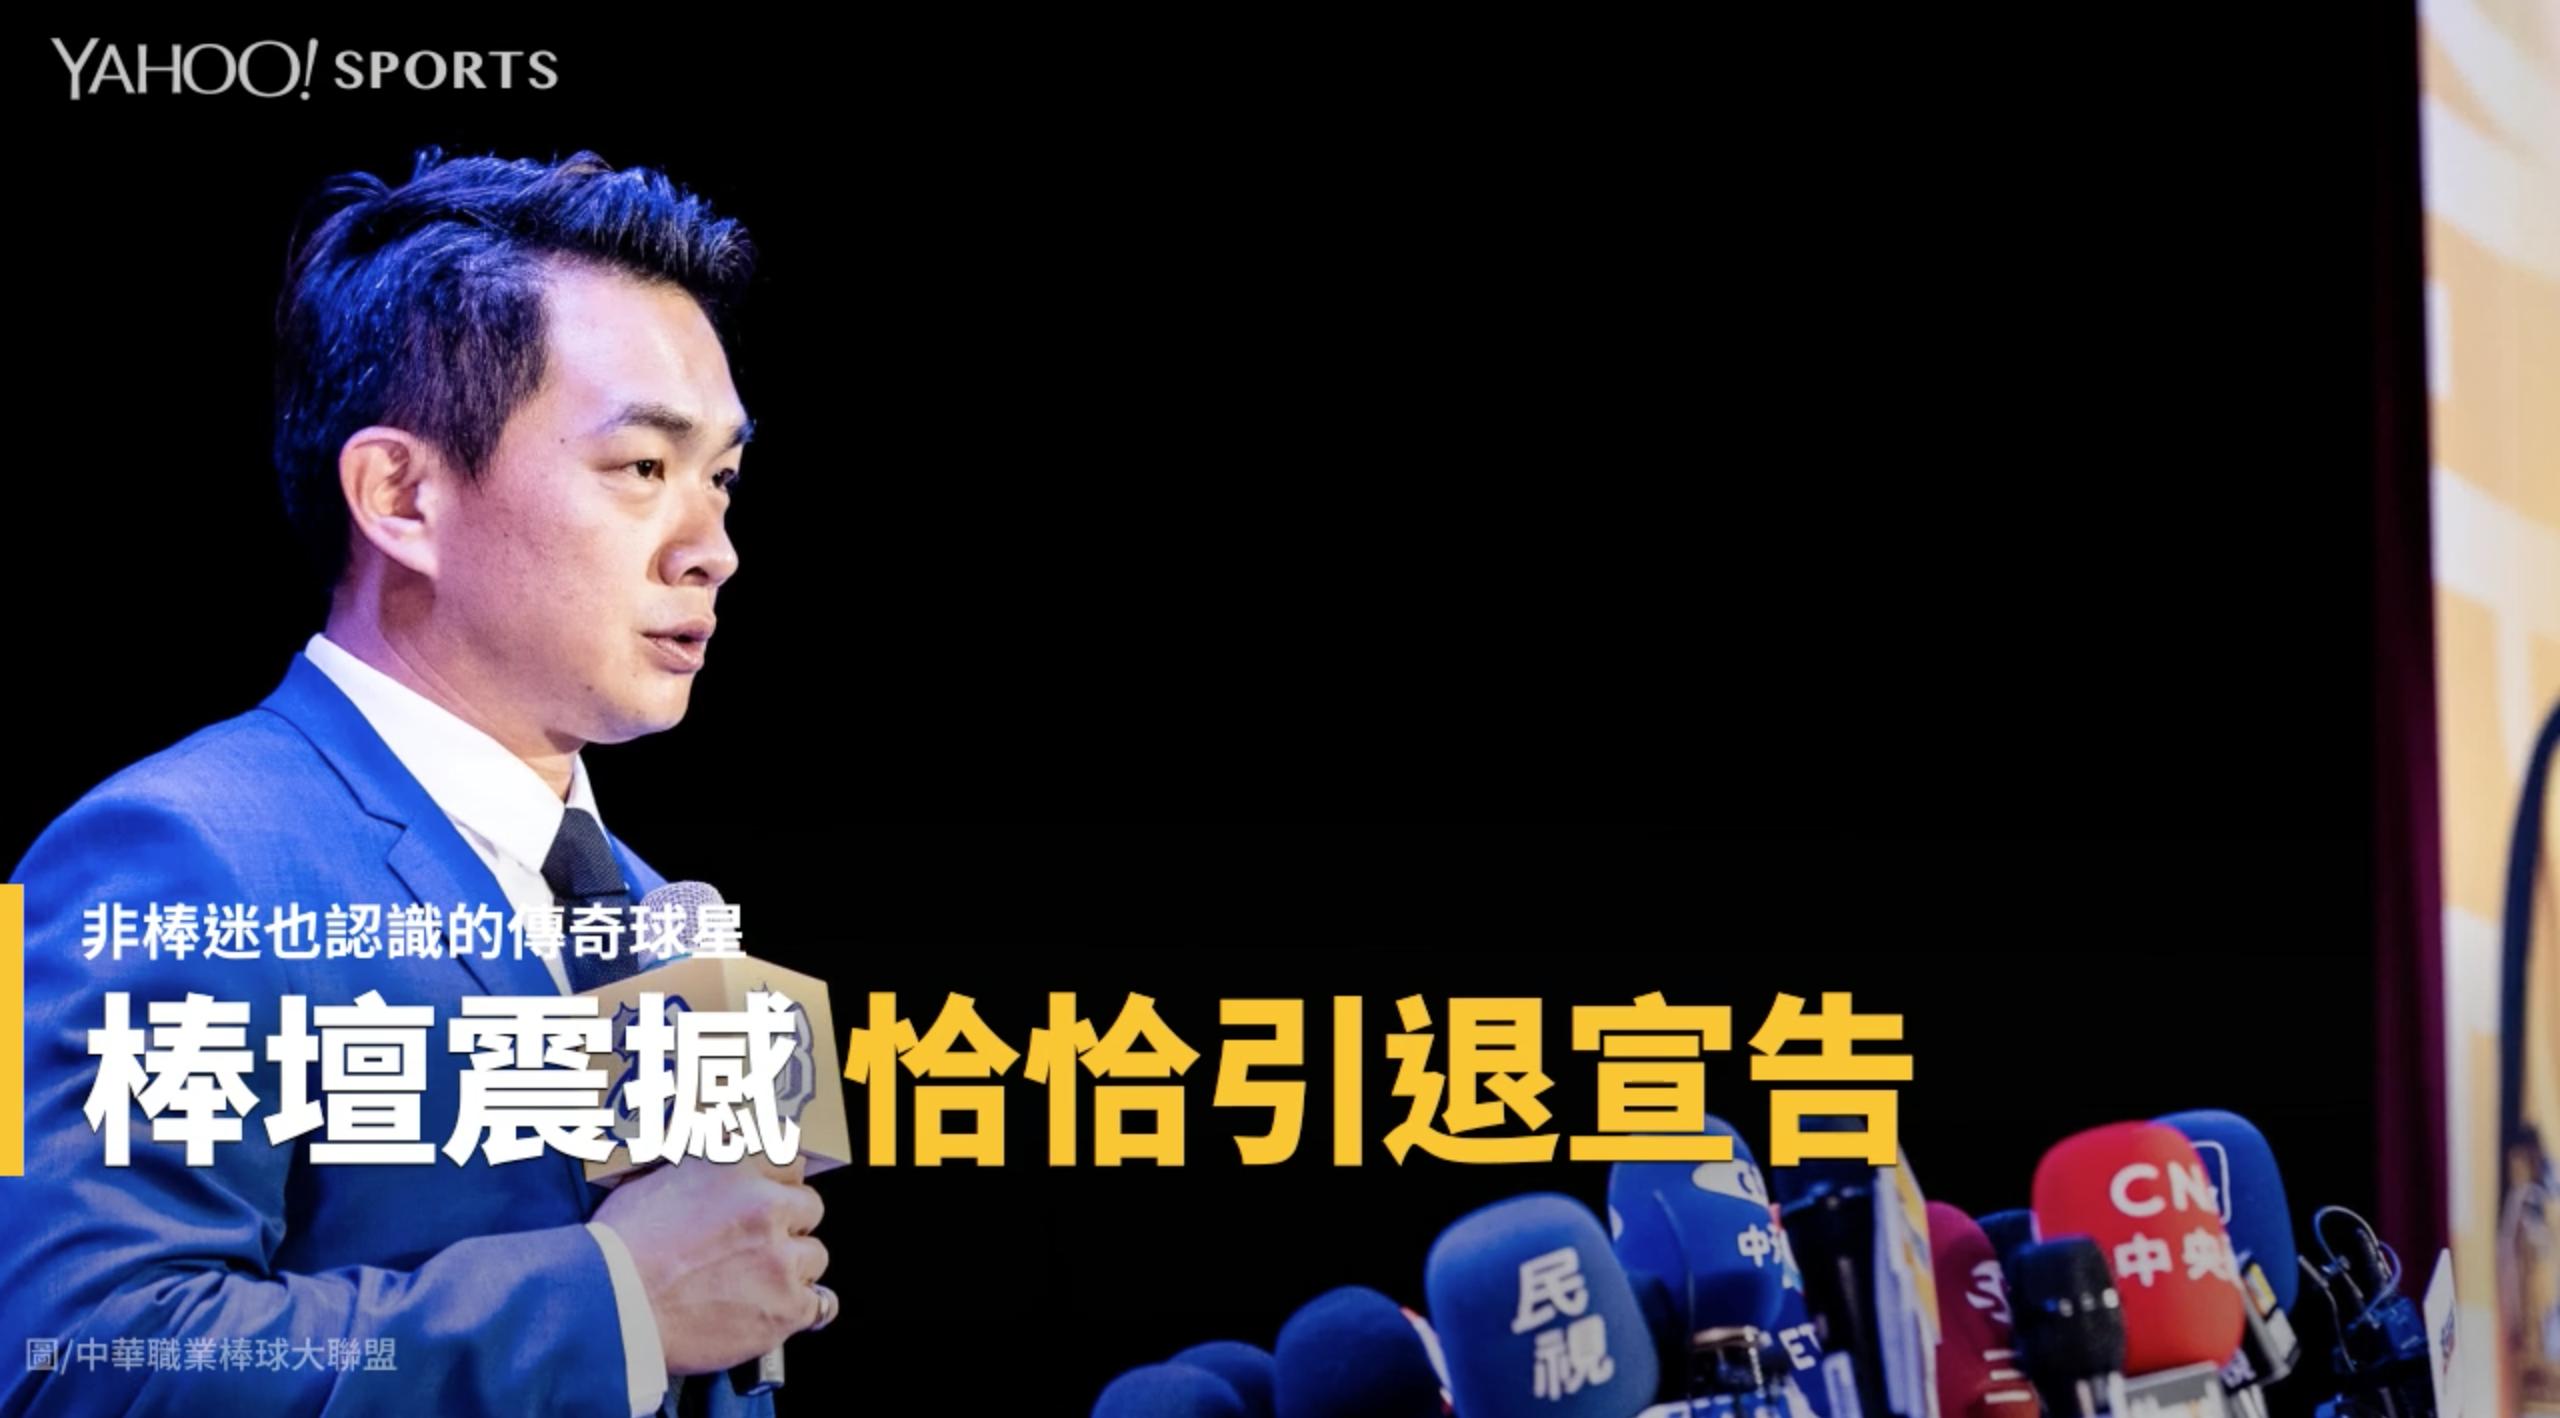 棒壇震撼彈 「恰恰」彭政閔引退宣告